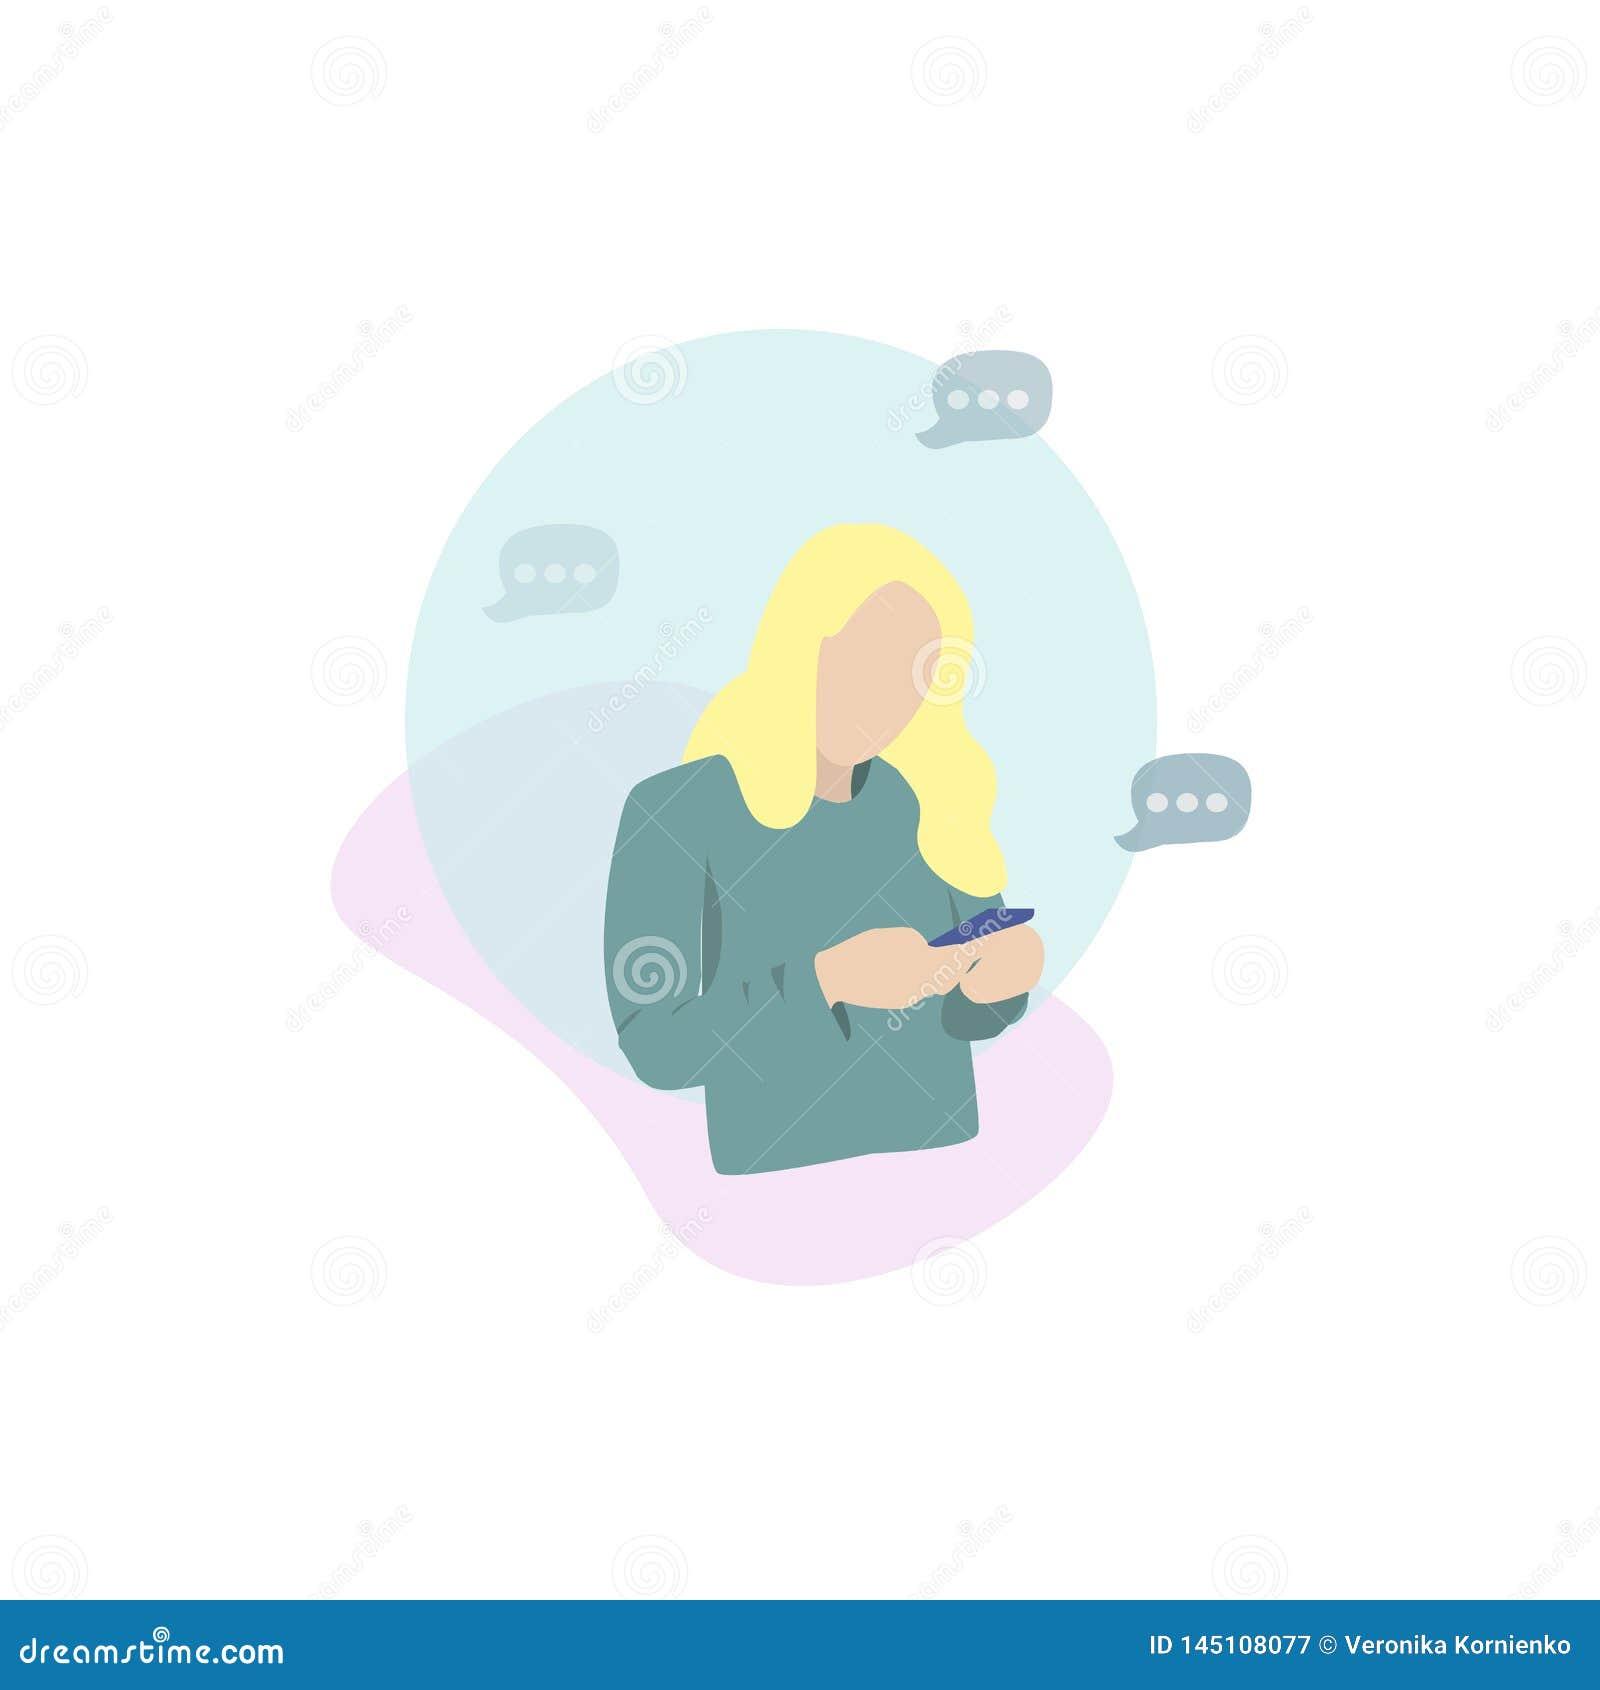 Gir que olha seu móvel texting uma mensagem